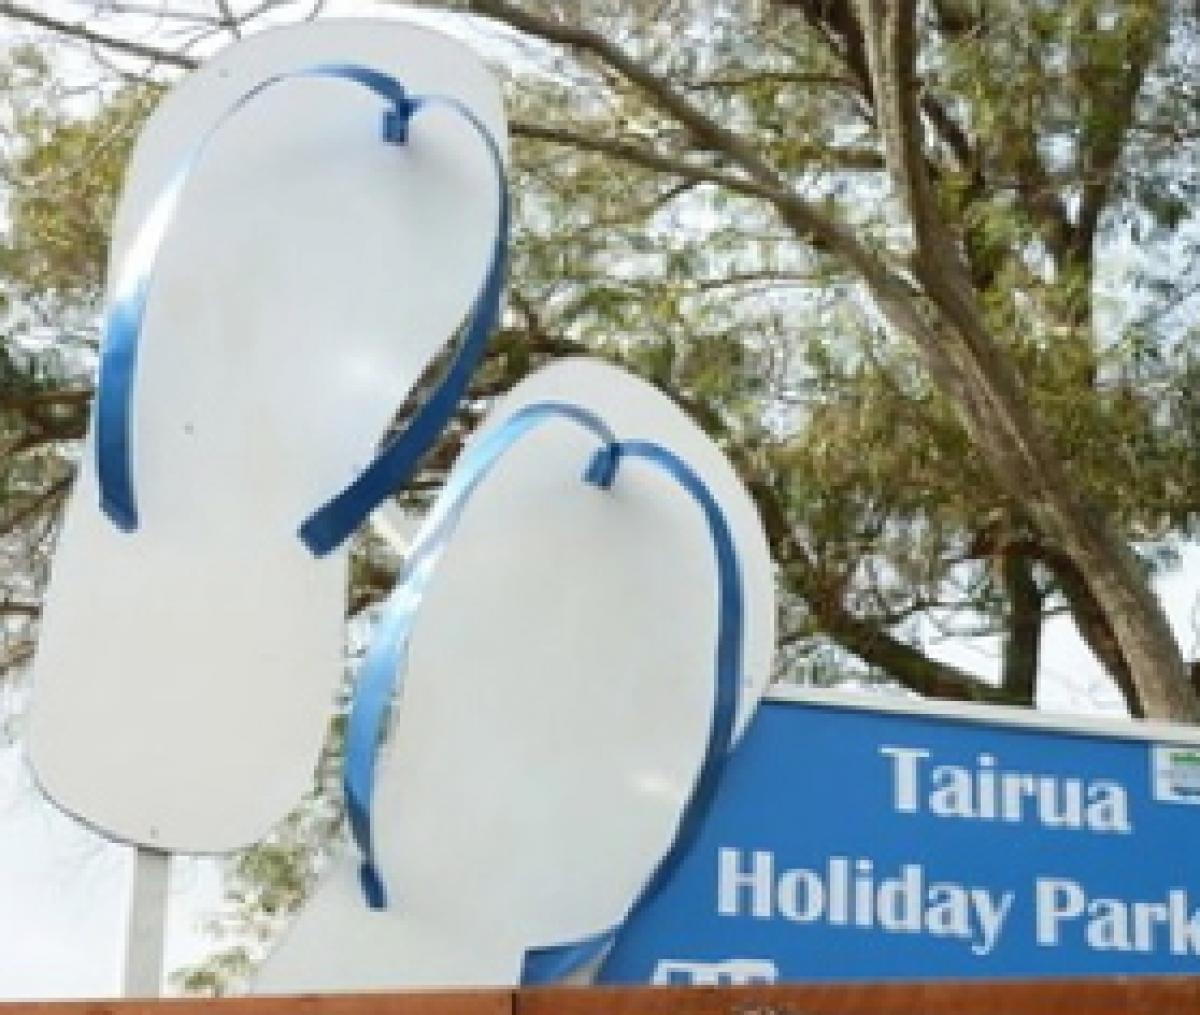 Tairua Holiday Park